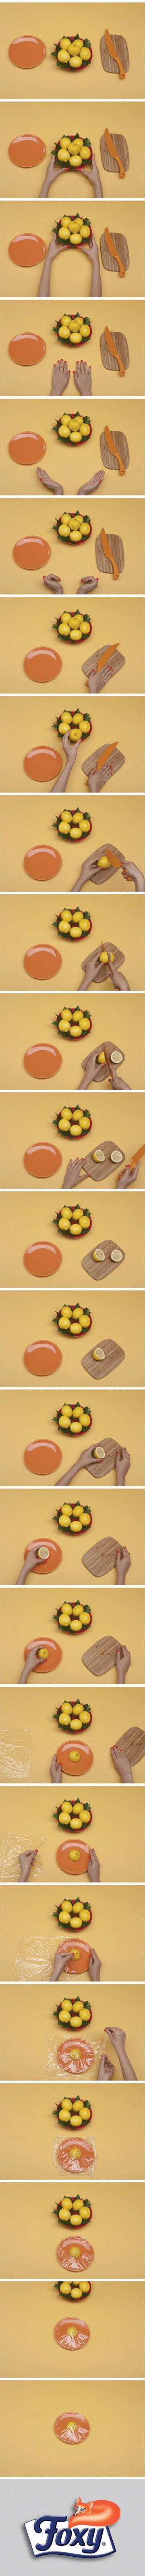 Se i limoni sono tagliati, cospargi un piattino con un velo di sale e zucchero e riponi i limoni con la parte aperta rivolta verso il basso. Oppure, per risparmiare temo e spazio, avvolgili con cura in una pellicola trasparente assicurandoti che non passi l'aria.  Scopri tanti altri segreti per ottimizzare la conservazione dei cibi su www.foxymega.it  #limoni #optimize #conservare #spazio #consigli